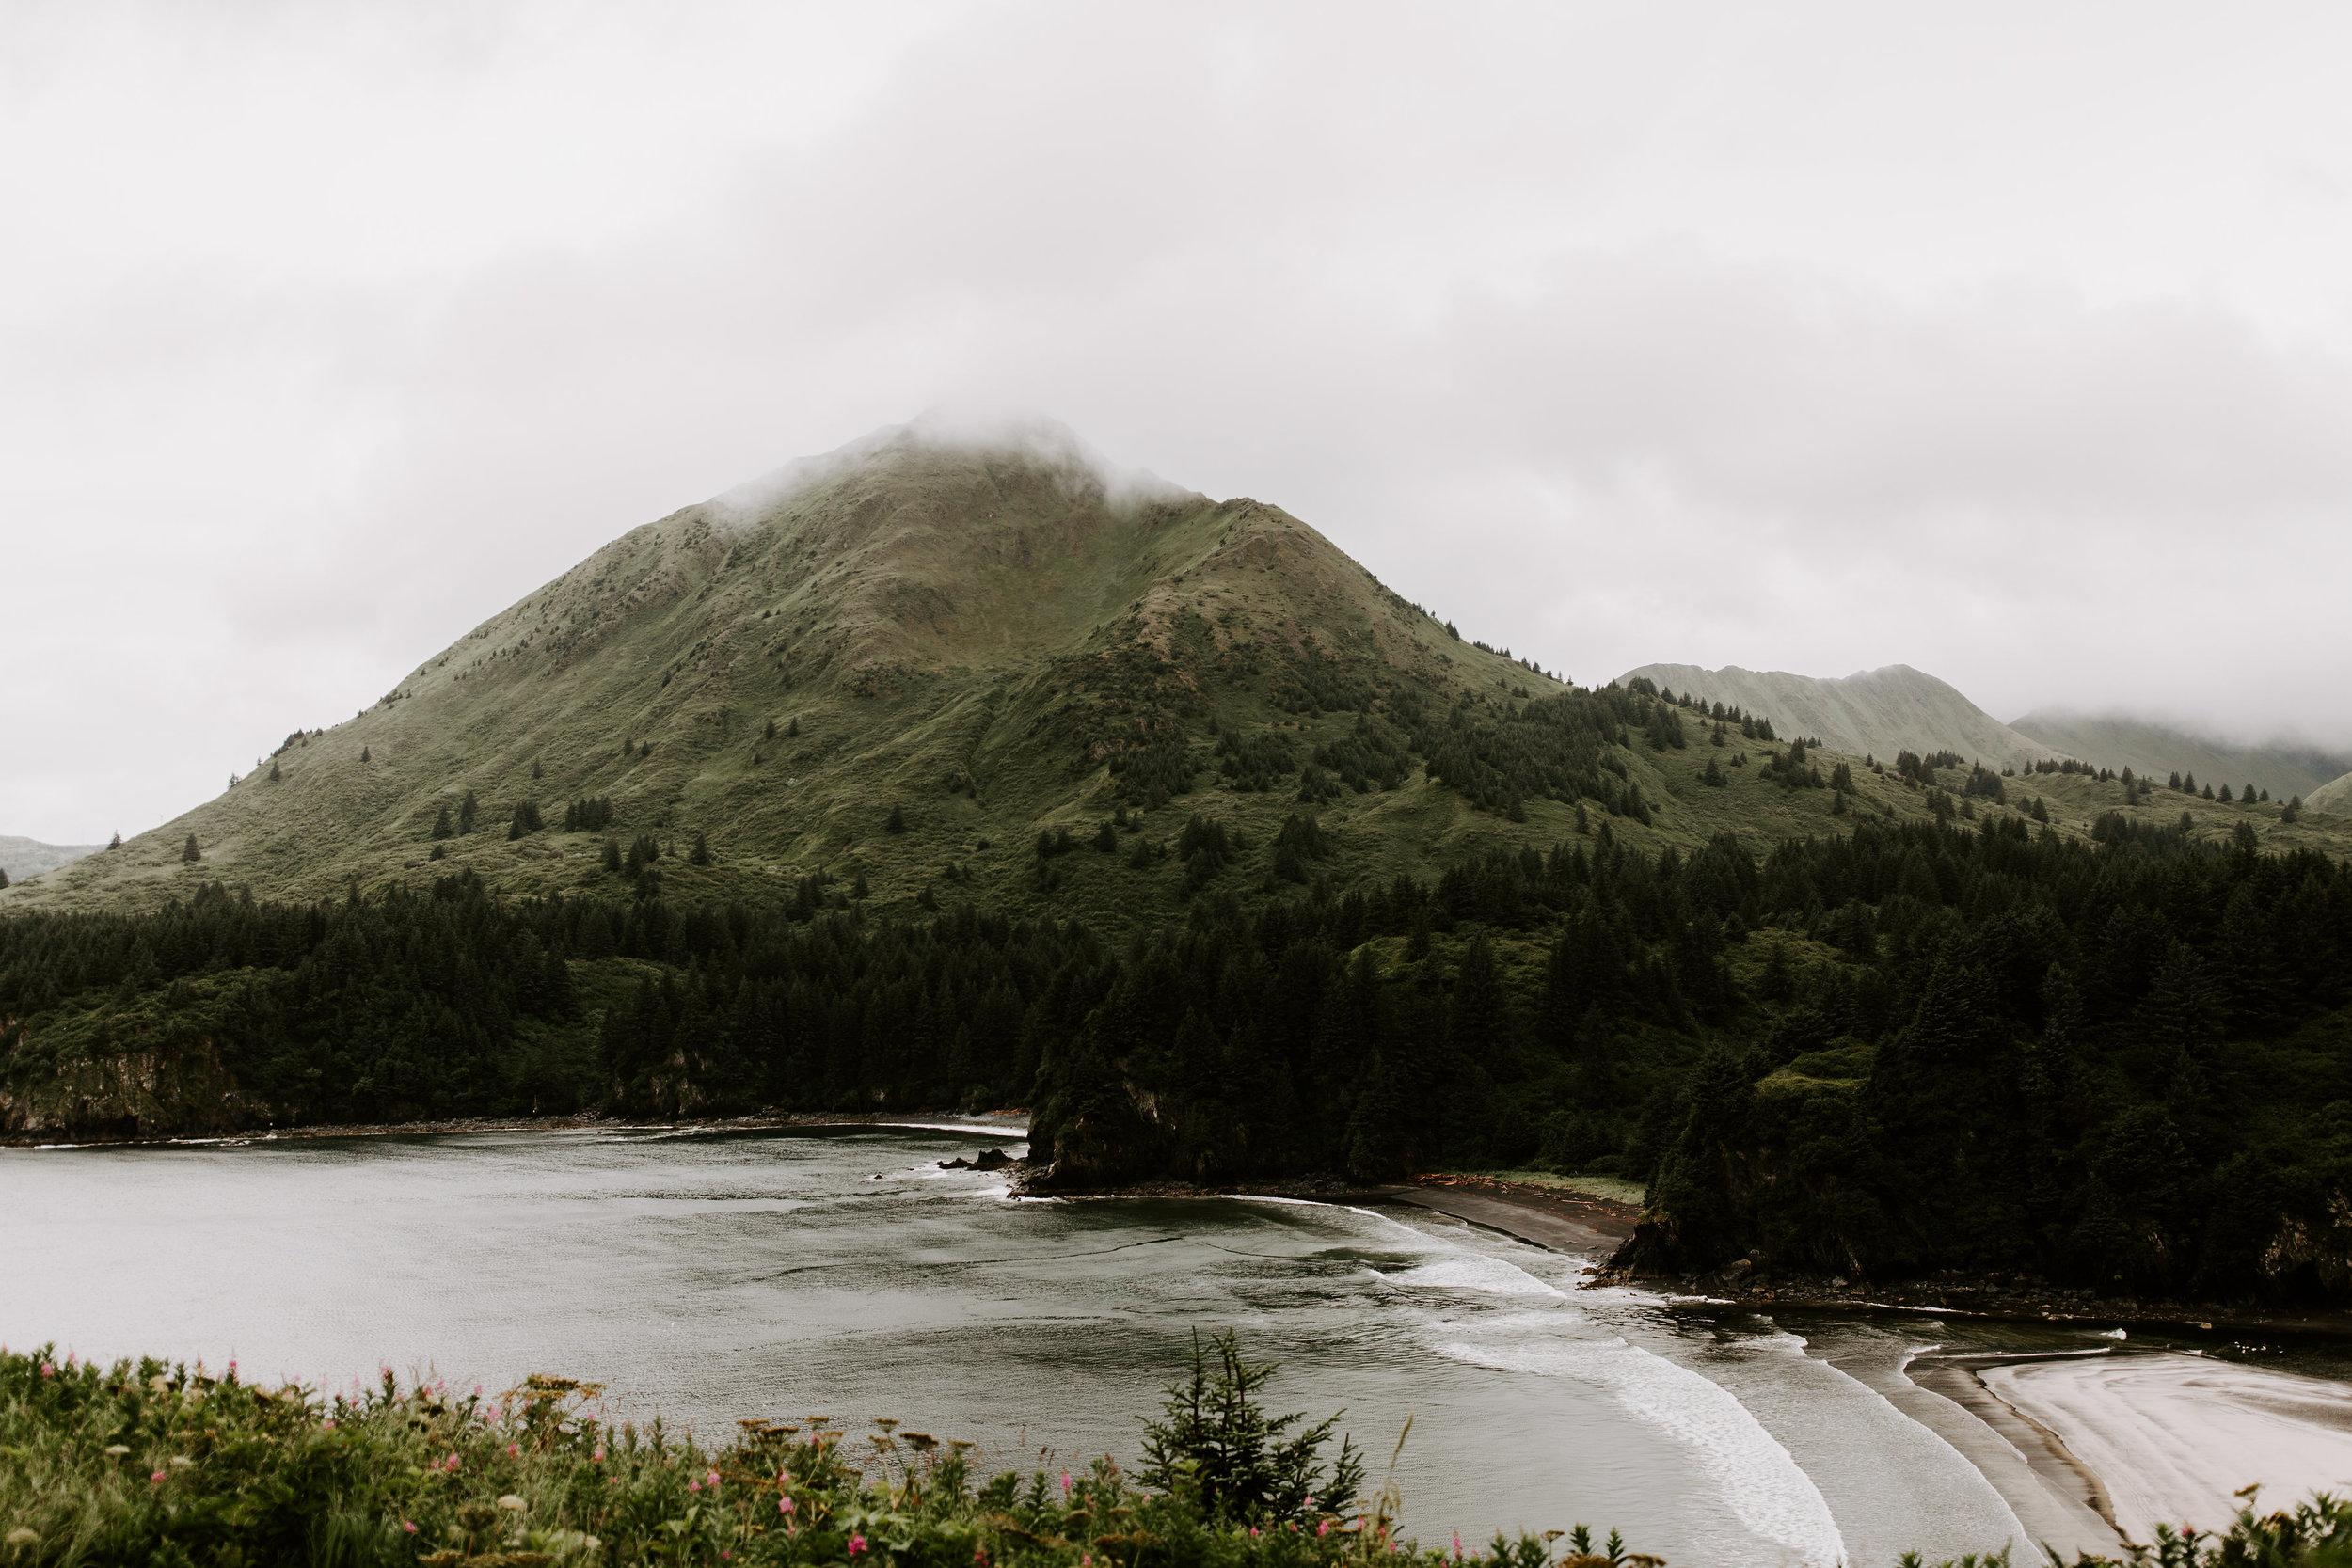 alaskaweddingphotography_SBP-75.jpg